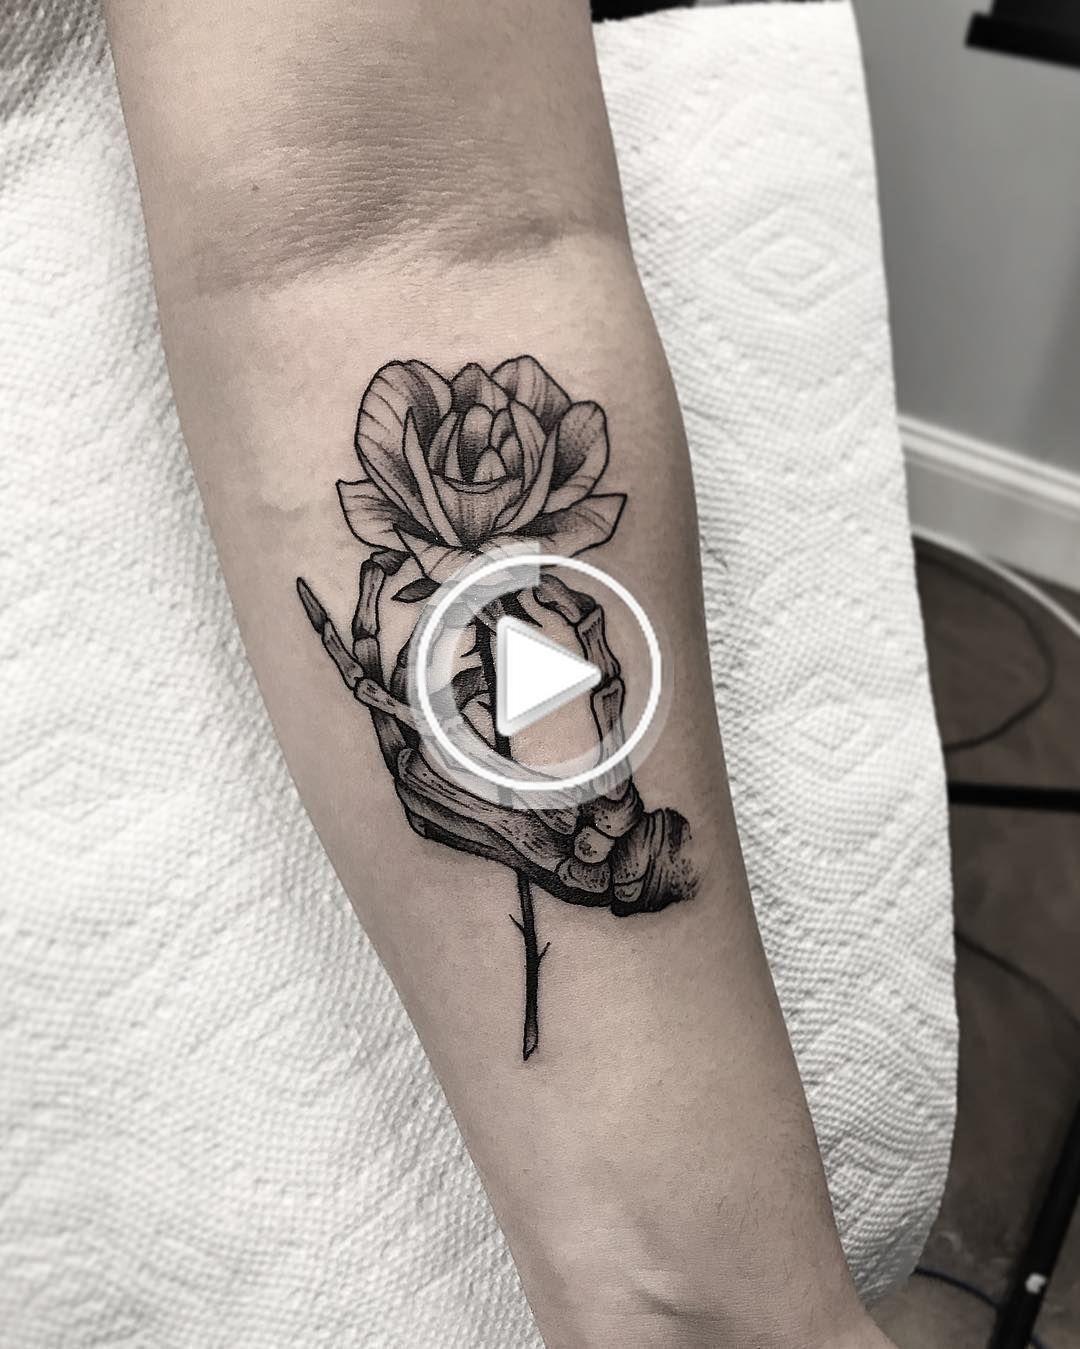 Pin En Tatuajes Geniales Tatuajes Tatuajes Para Hombres En El Antebrazo Tatuajes Femeninos